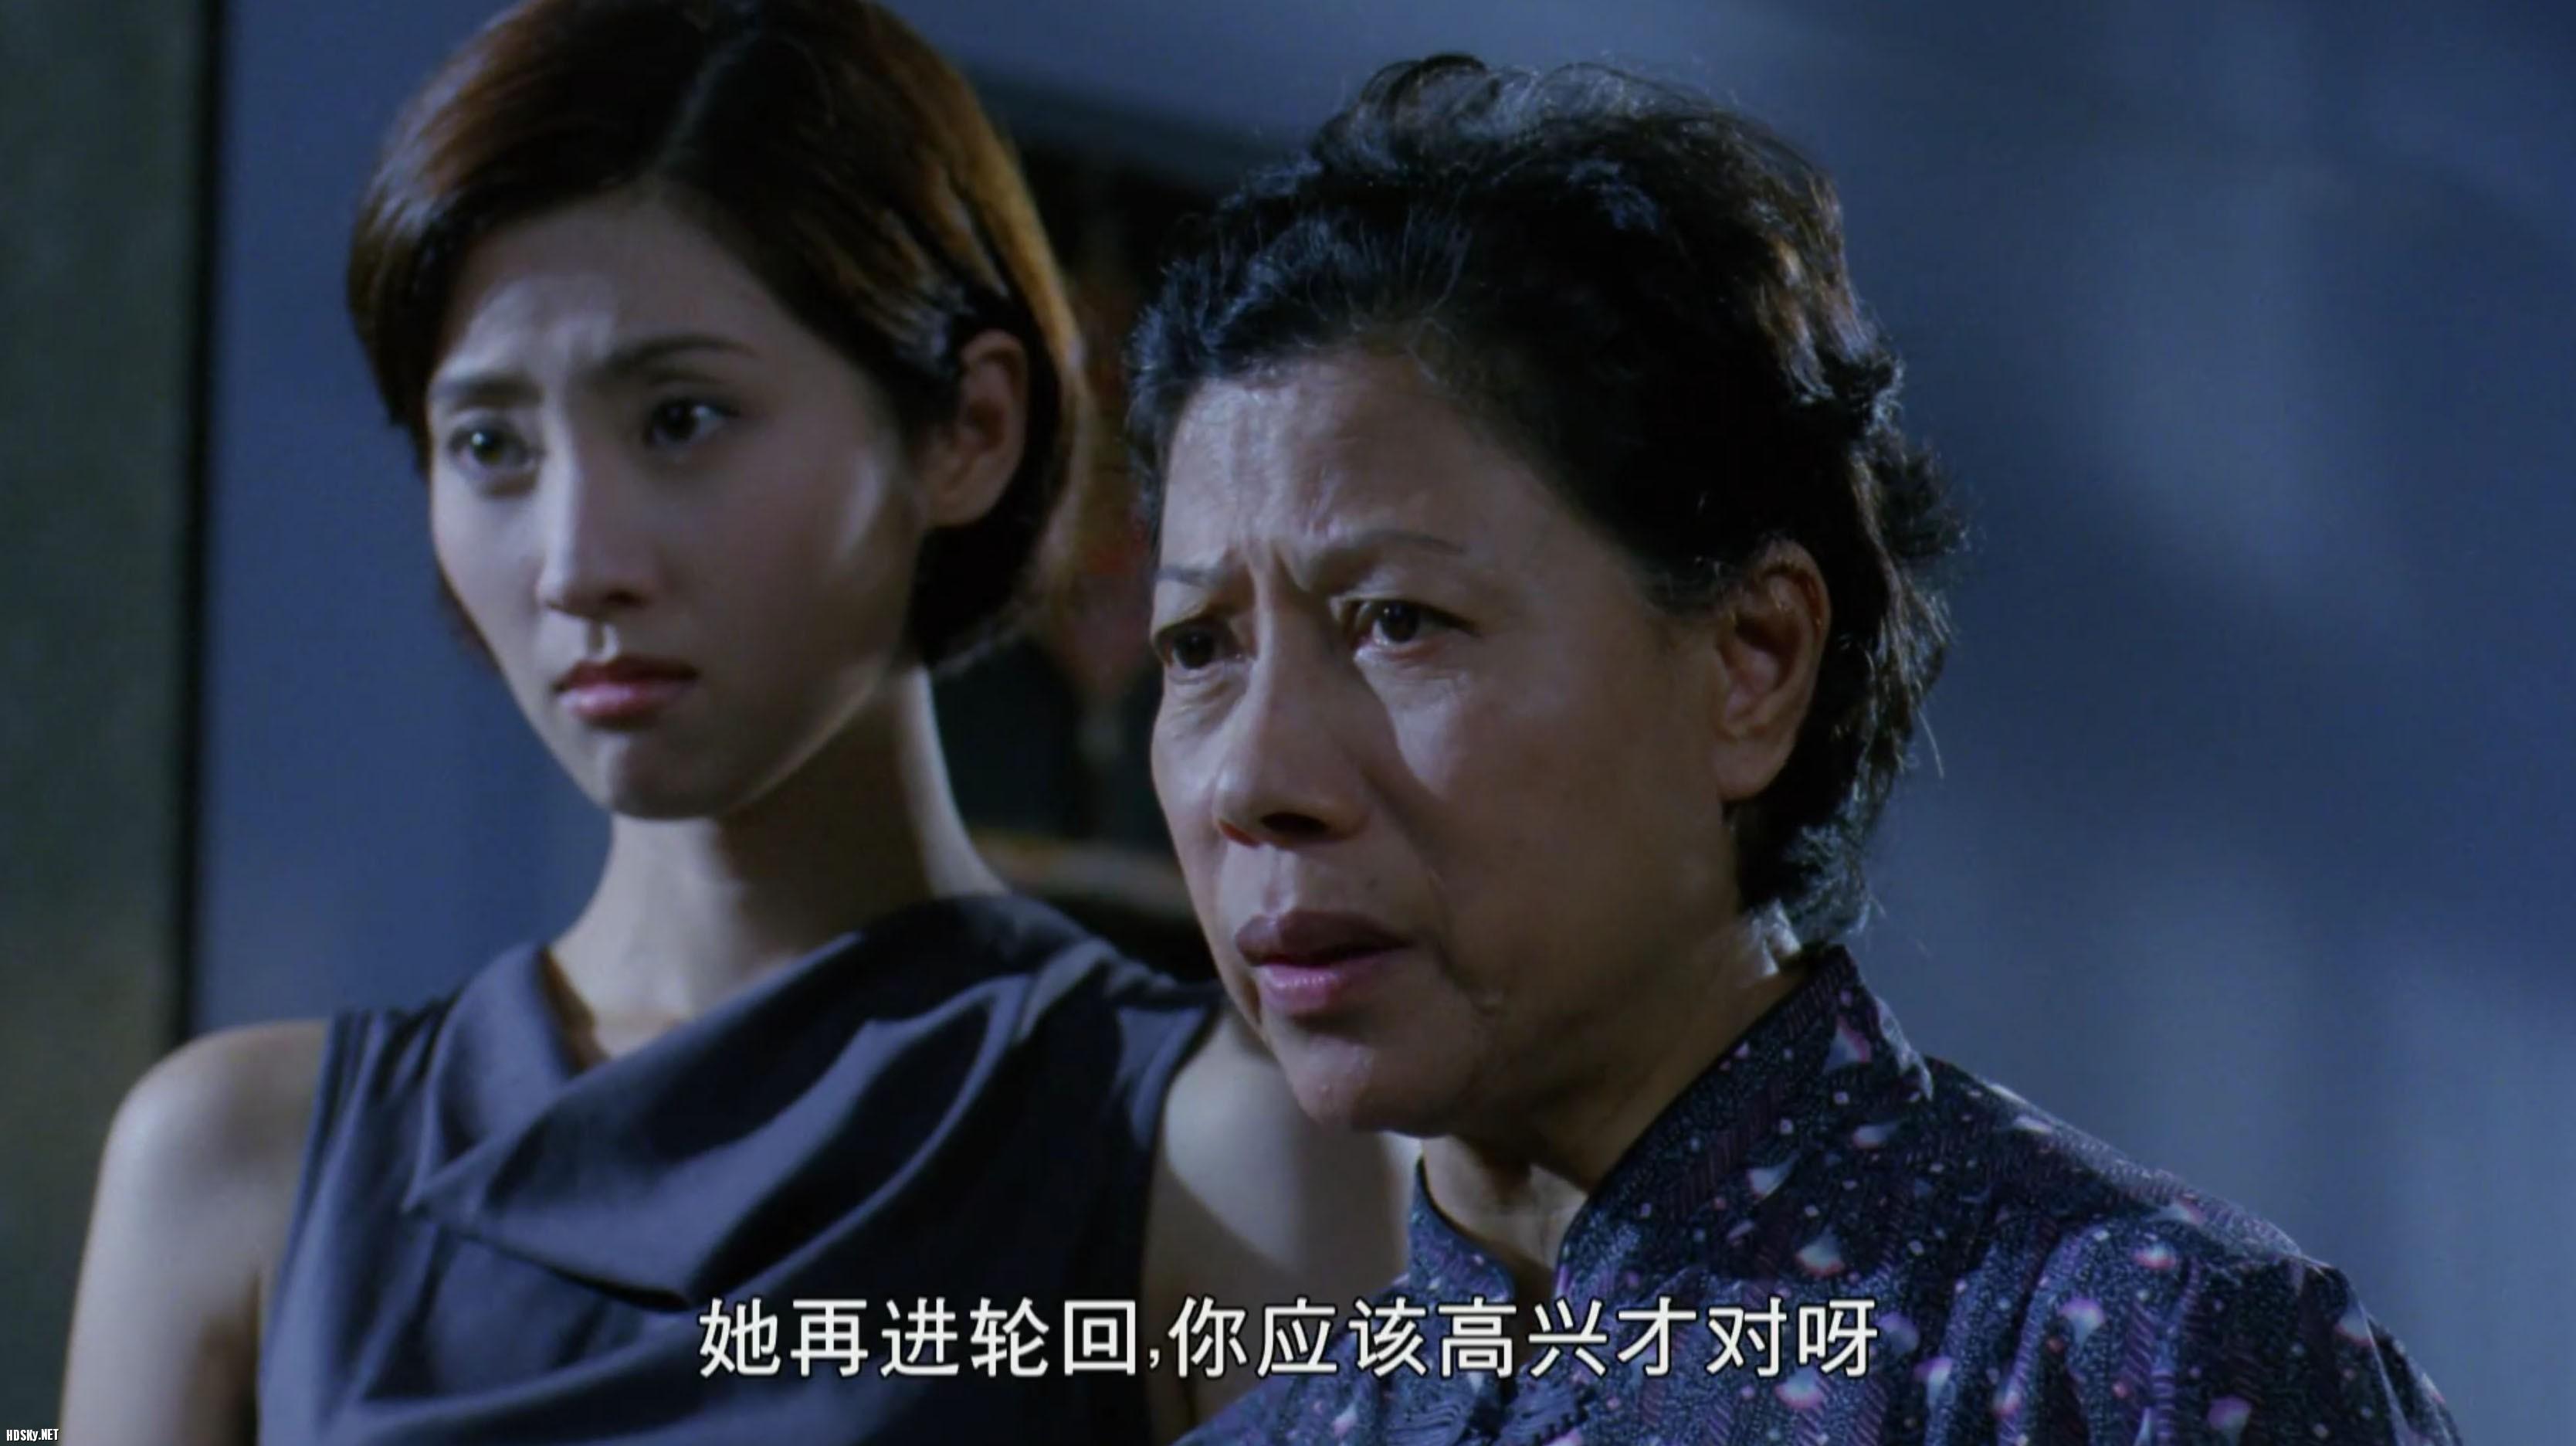 香港第一凶宅在线观看 香港第一凶宅免费